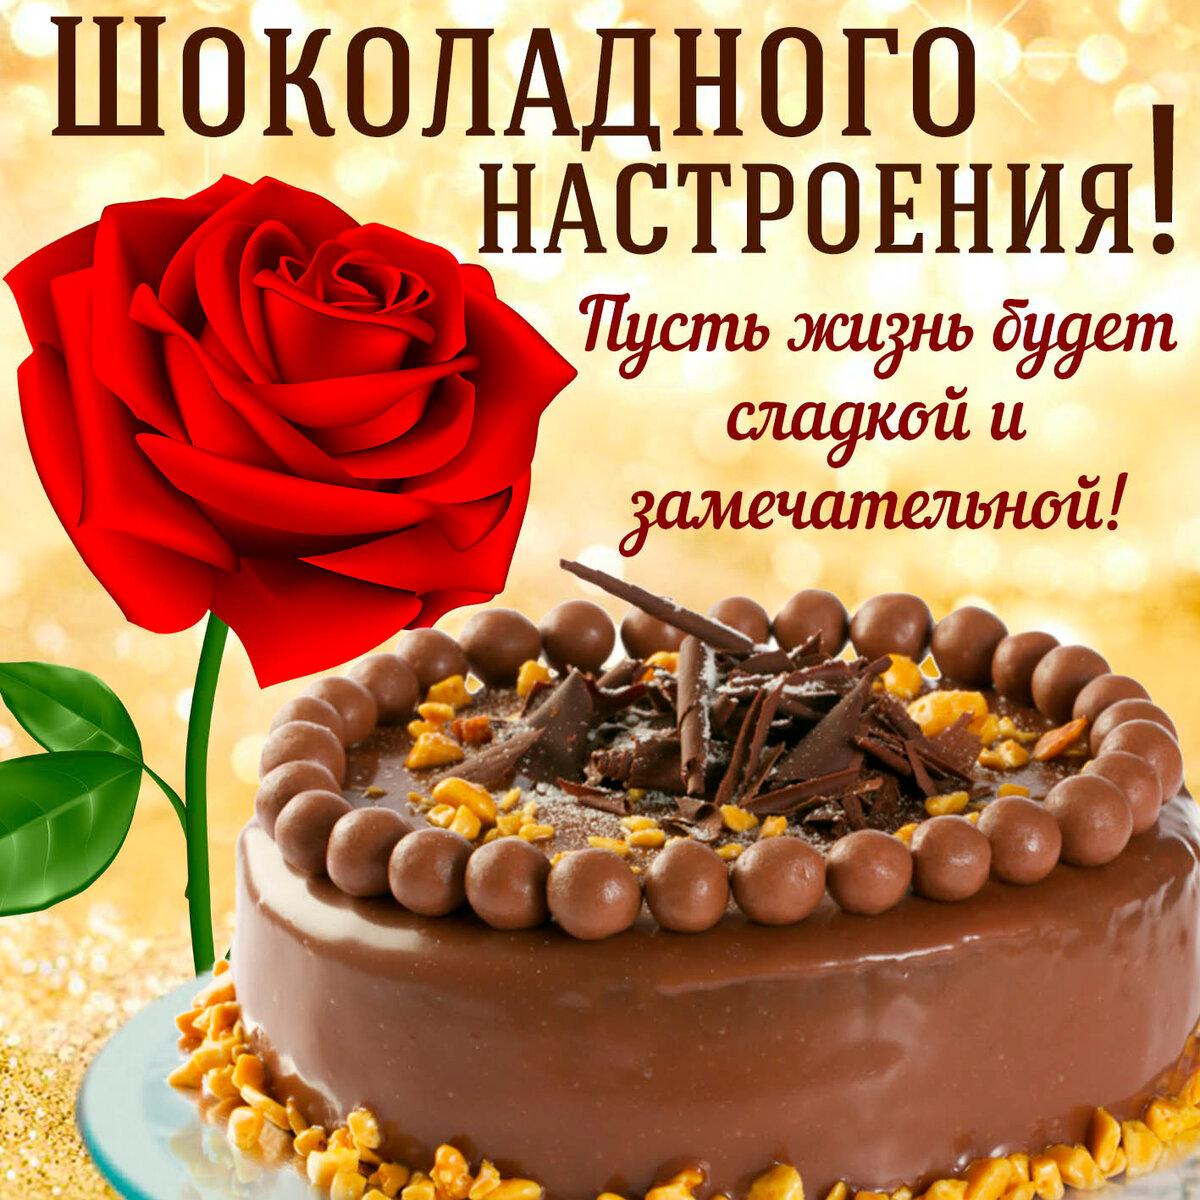 Открытки шоколадные поздравления